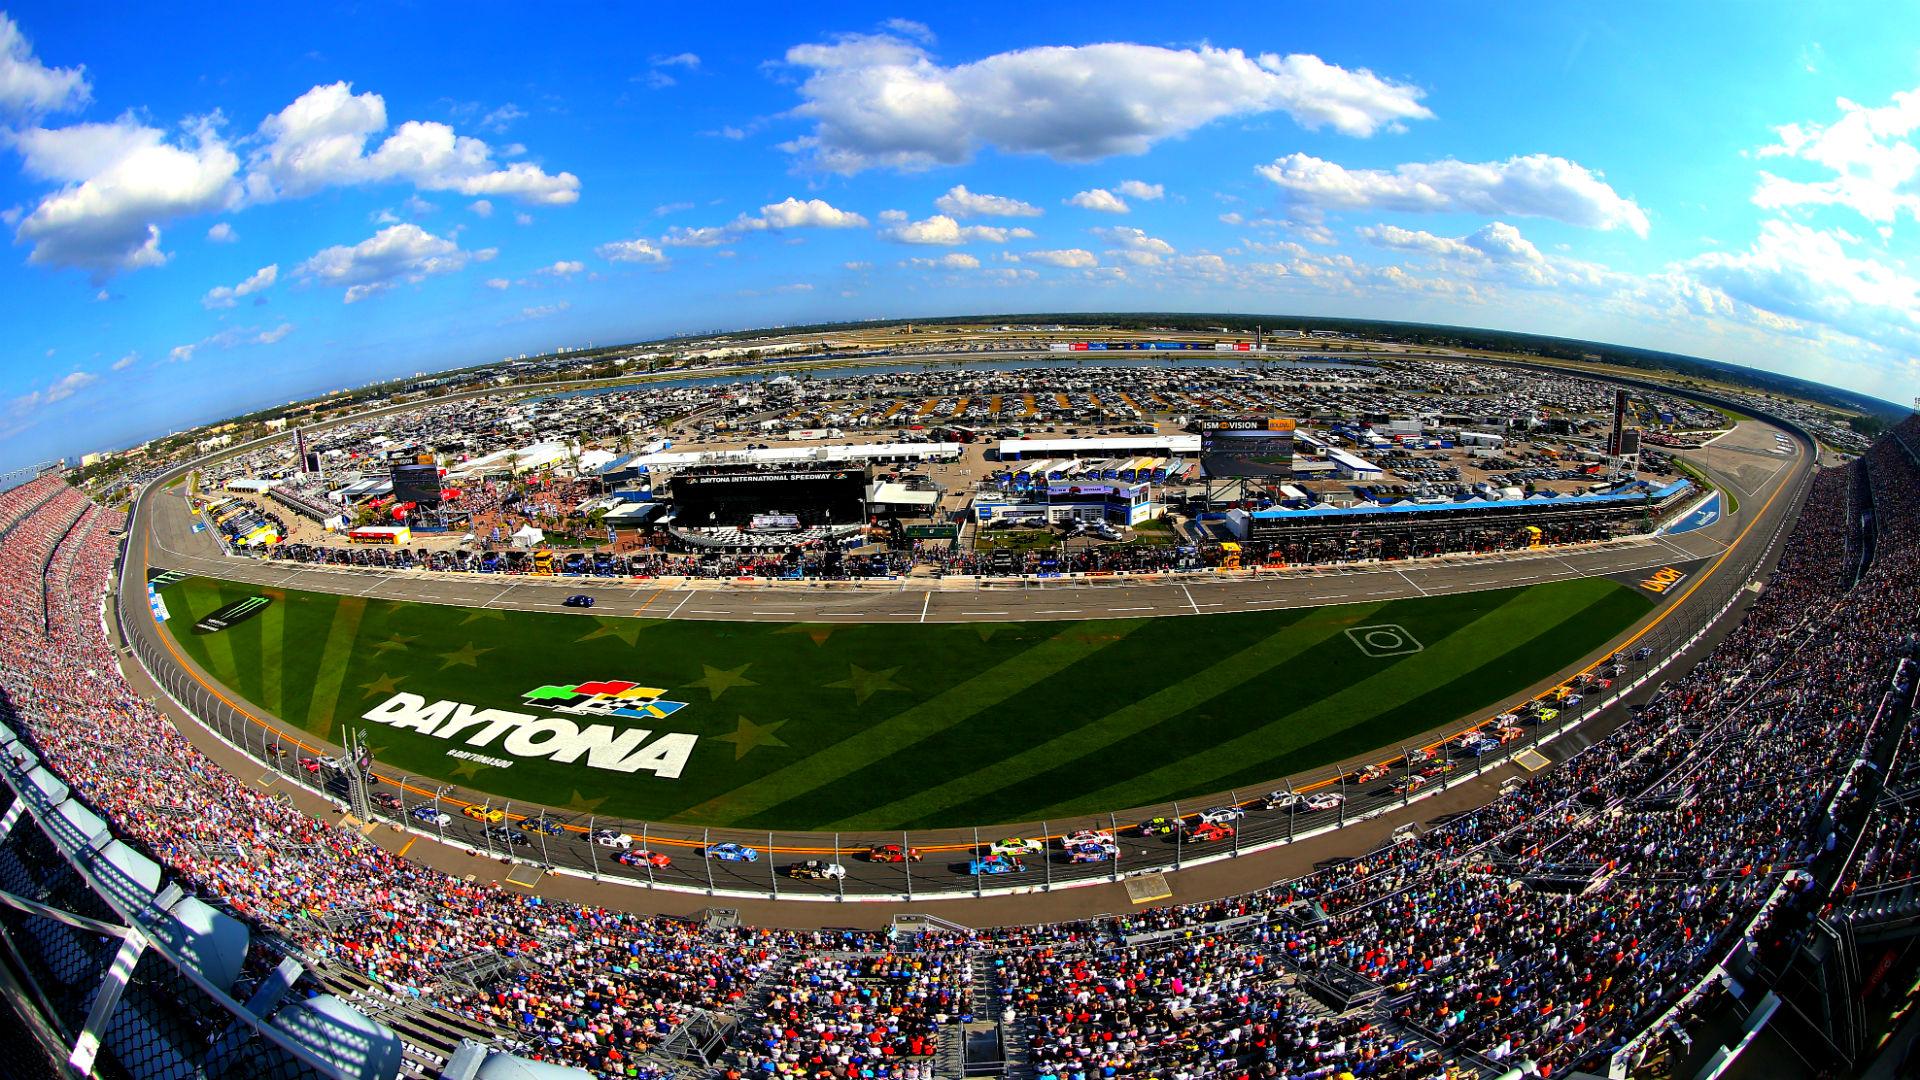 ¿Cuándo es Daytona 500 en 2020? Fecha, hora de inicio, horario de TV para la carrera y clasificación 2